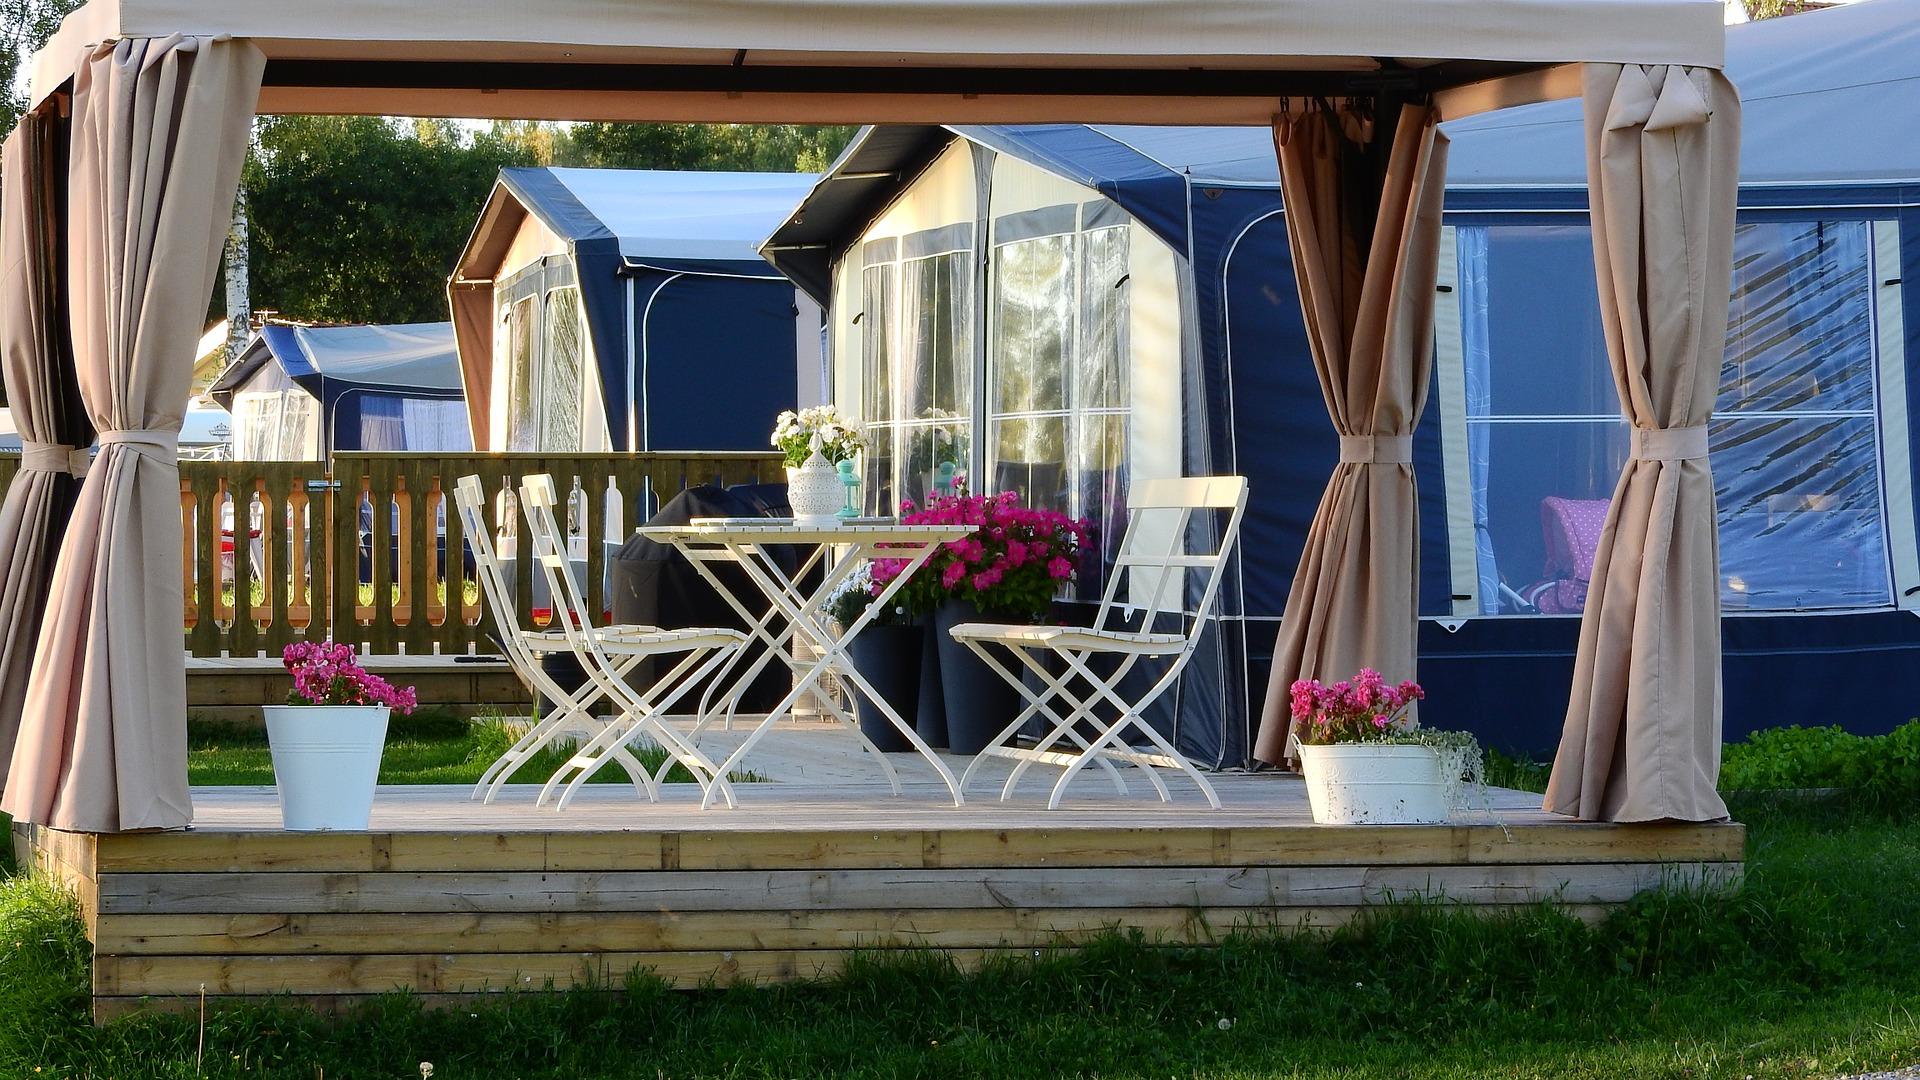 qu 39 est ce qu 39 une v randa bioclimatique mobilier d coration architecture c t tendance en. Black Bedroom Furniture Sets. Home Design Ideas